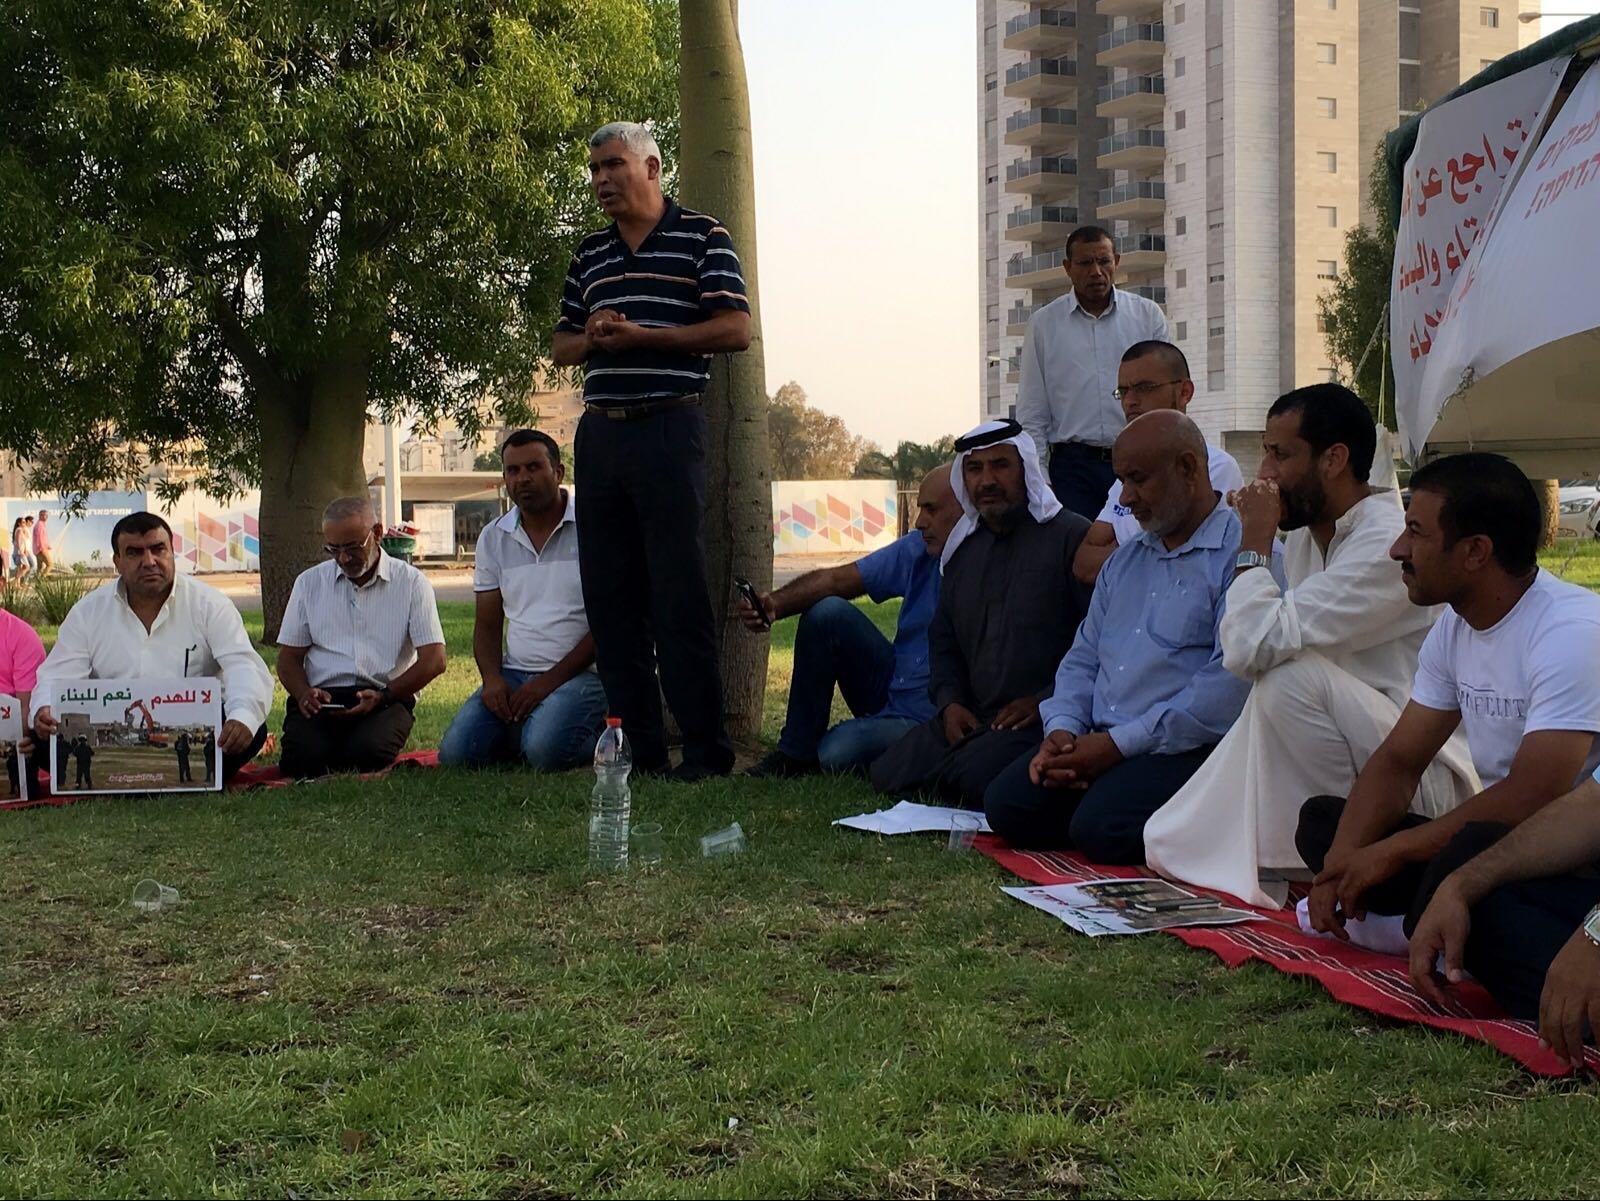 رهط تنظم مسيرة تضامنية مع خيمة العزة والكرامة